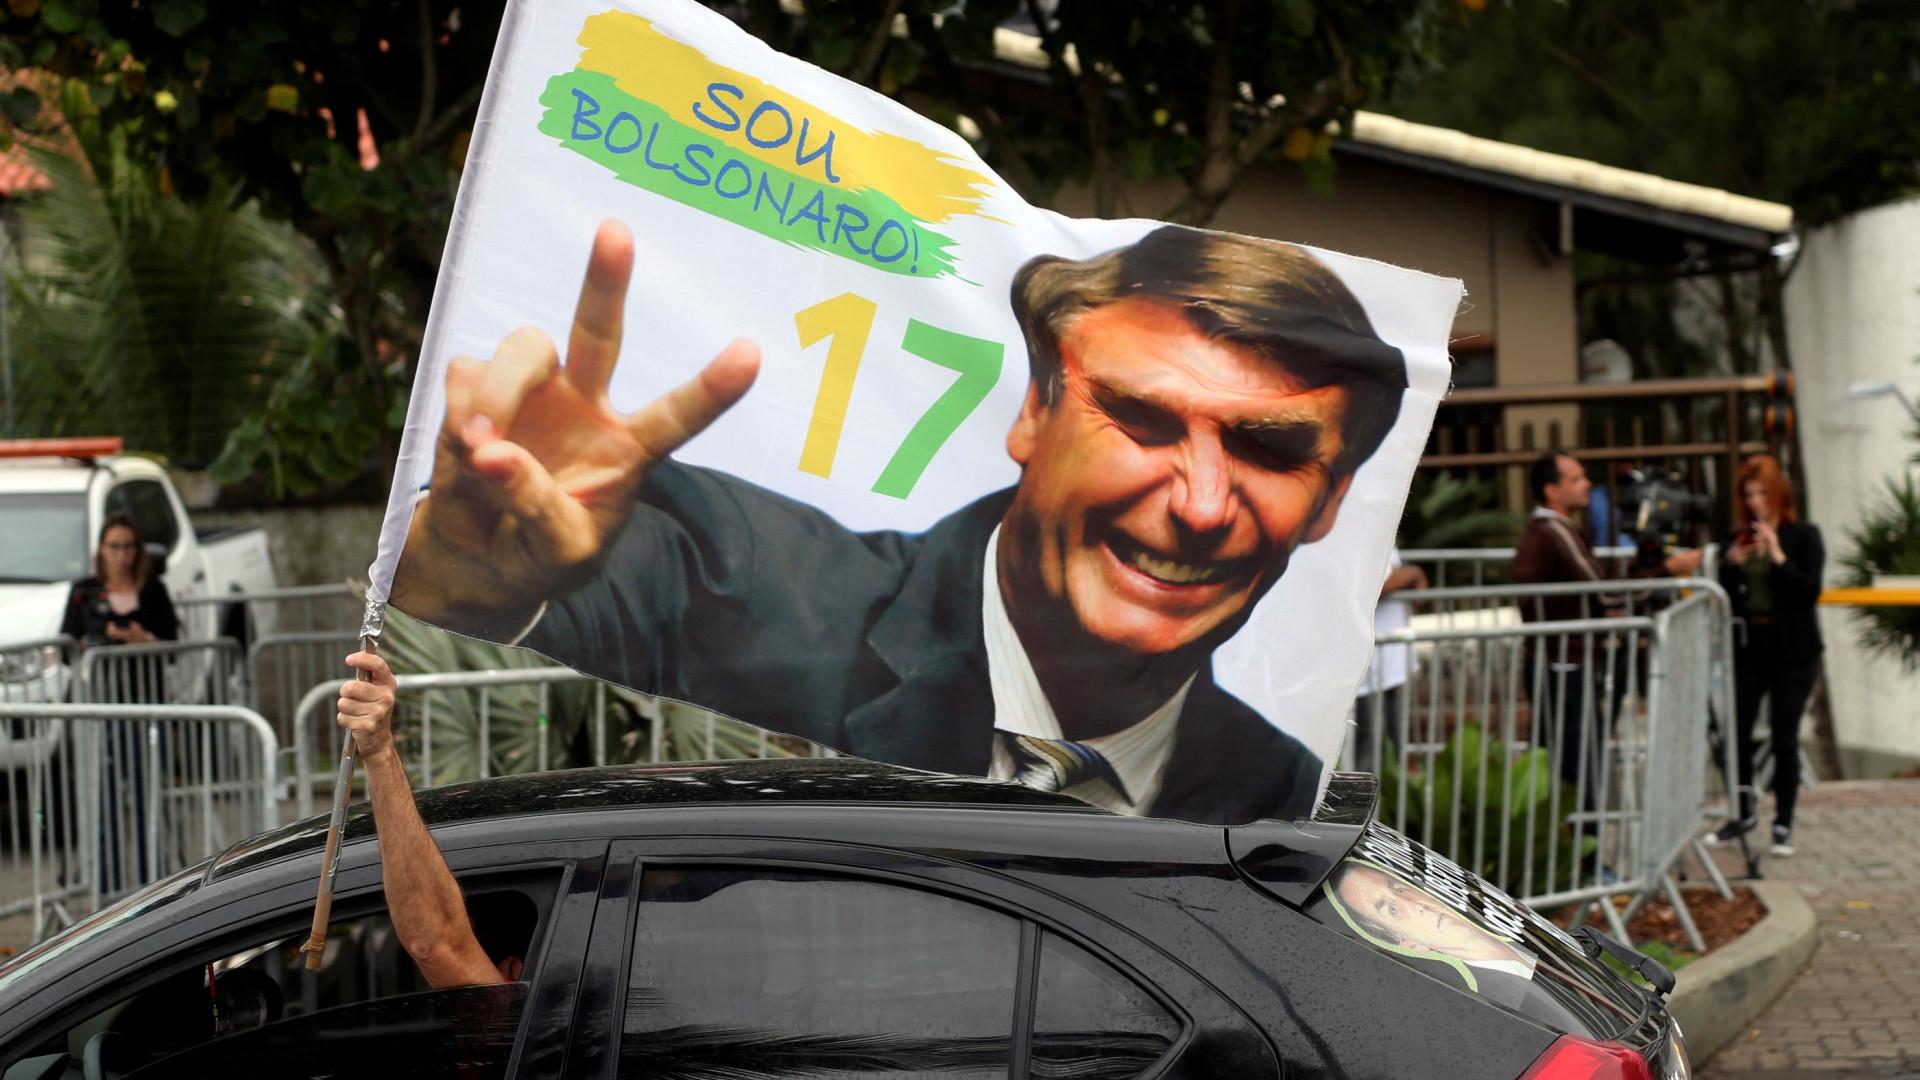 União Europeia felicita Bolsonaro... oito dias após a sua eleição